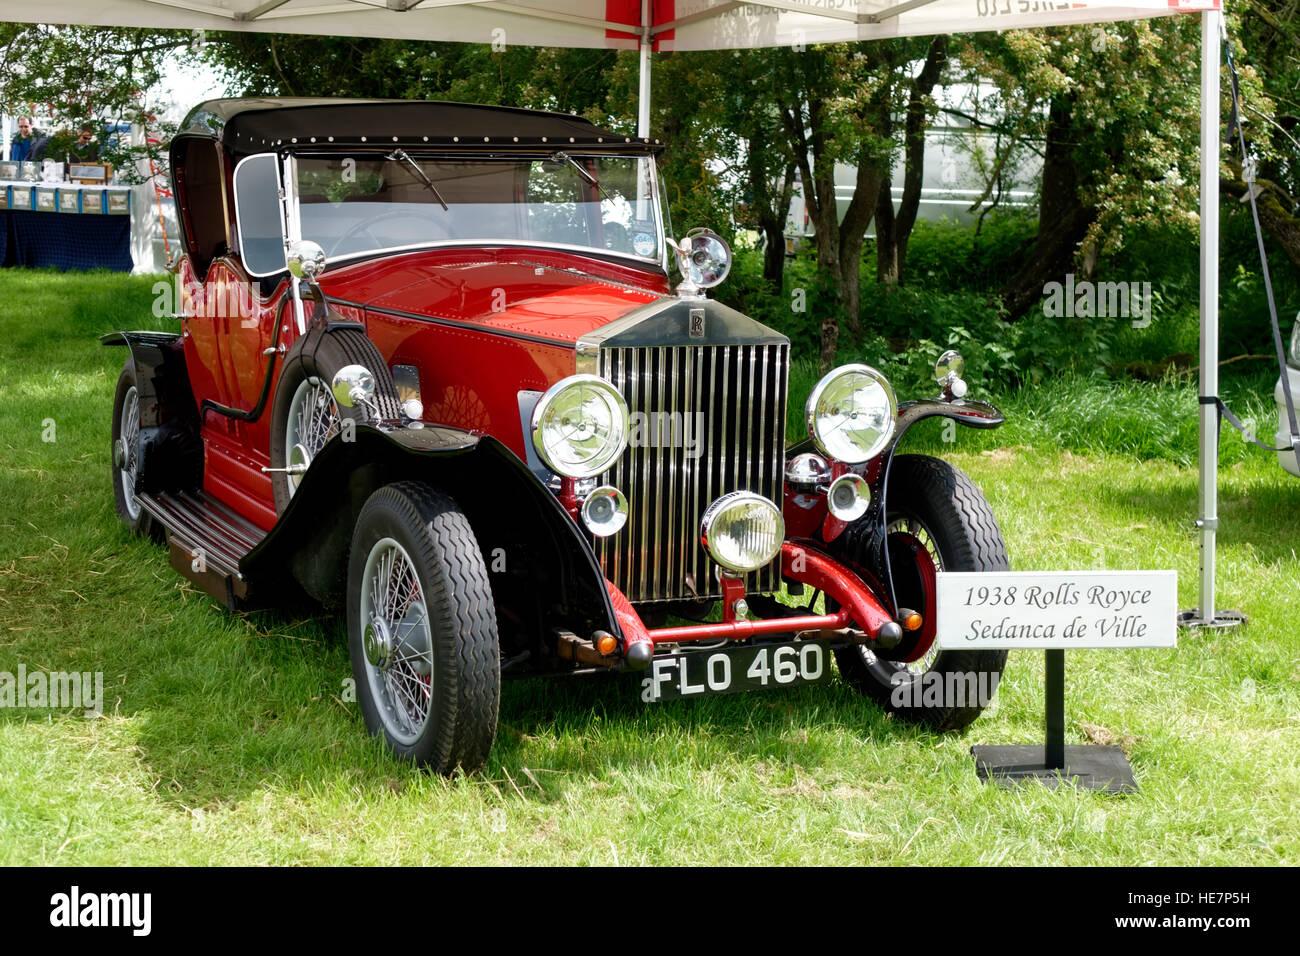 Un 1938 Rolls Royce Sedanca de Ville a 2014 Stockton Nostalgia mostrano, Wiltshire, Regno Unito. Immagini Stock